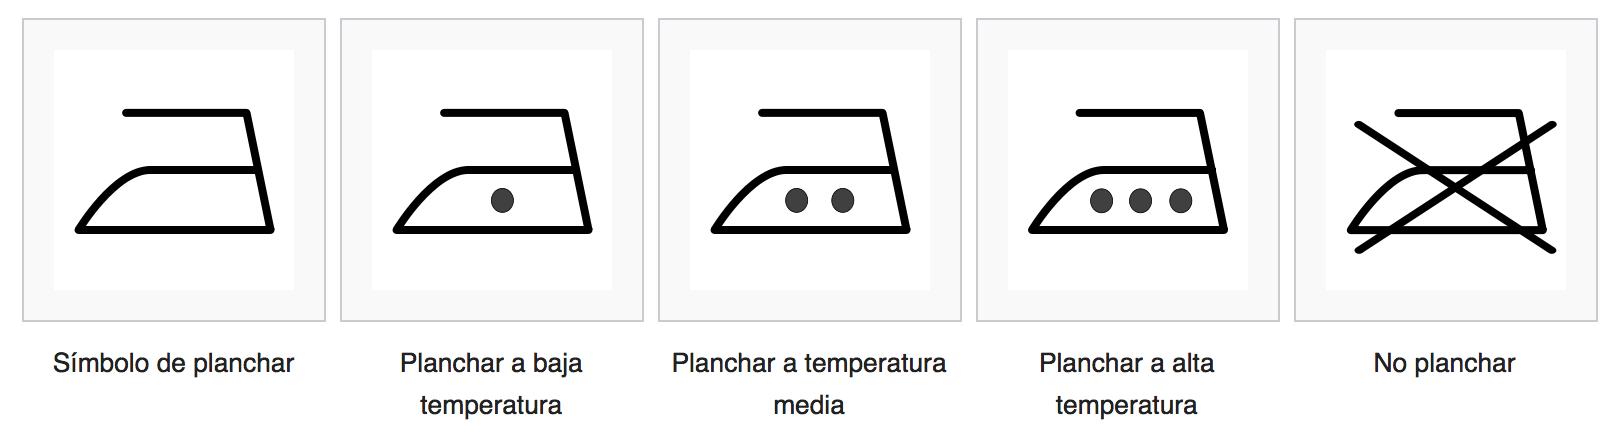 Símbolos de Planchado